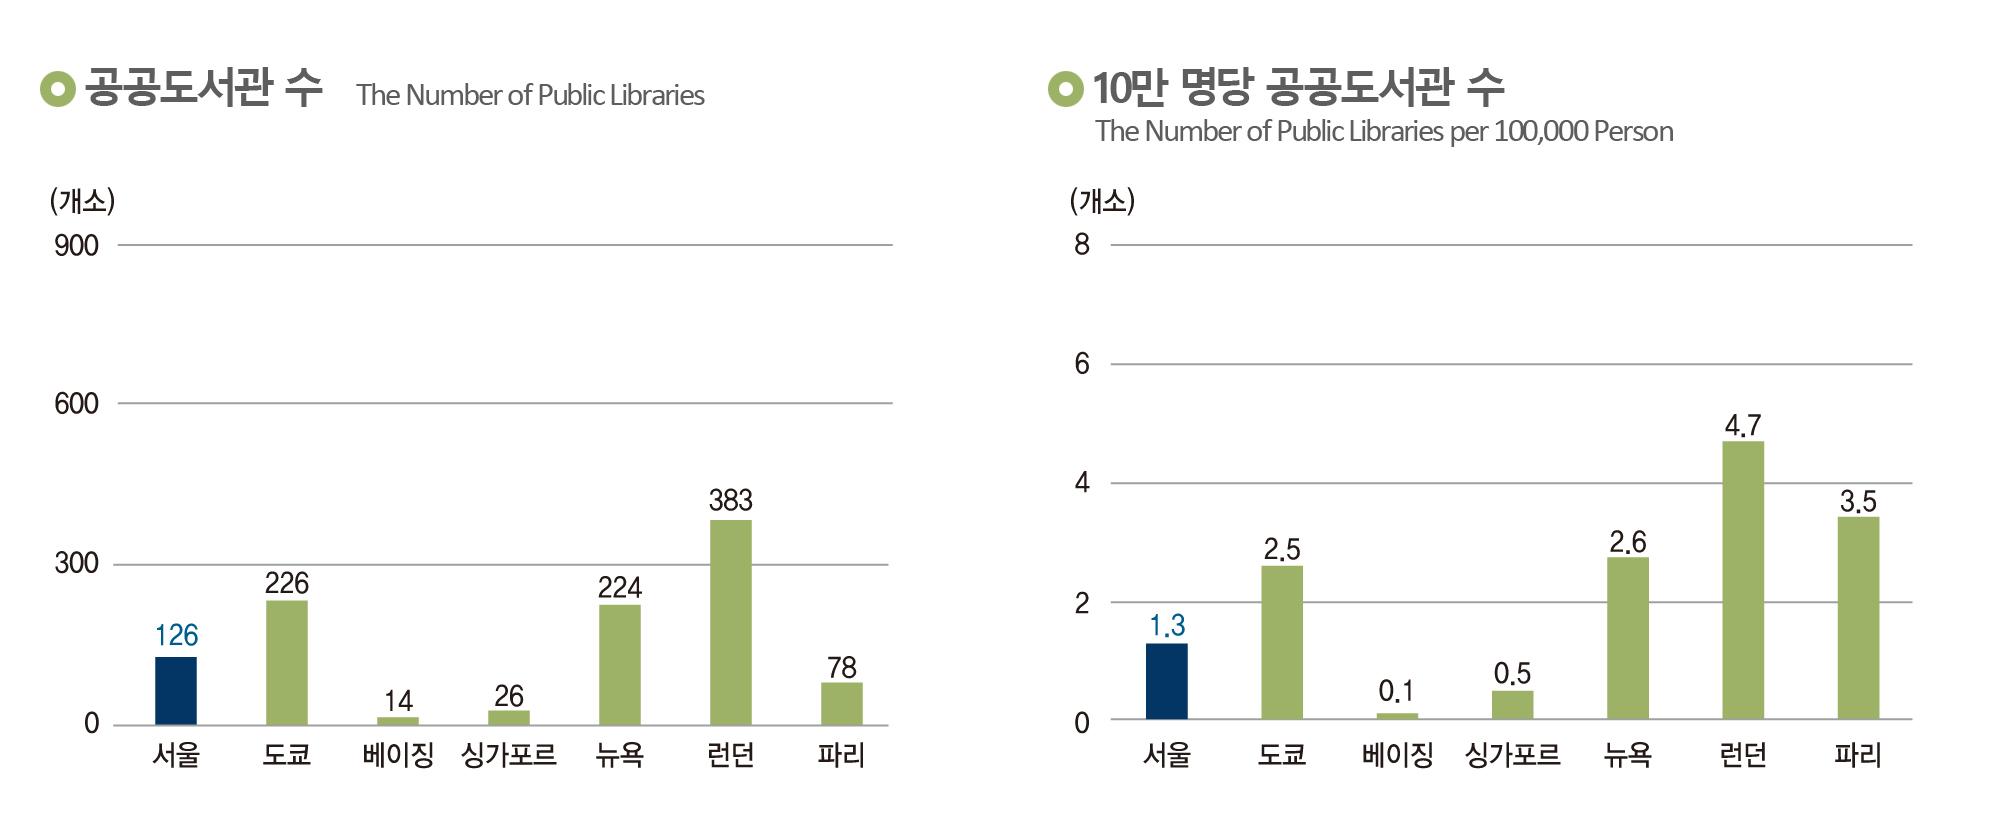 (왼쪽)공공도서관 수, (오른쪽)10만 명당 공공도서관 수